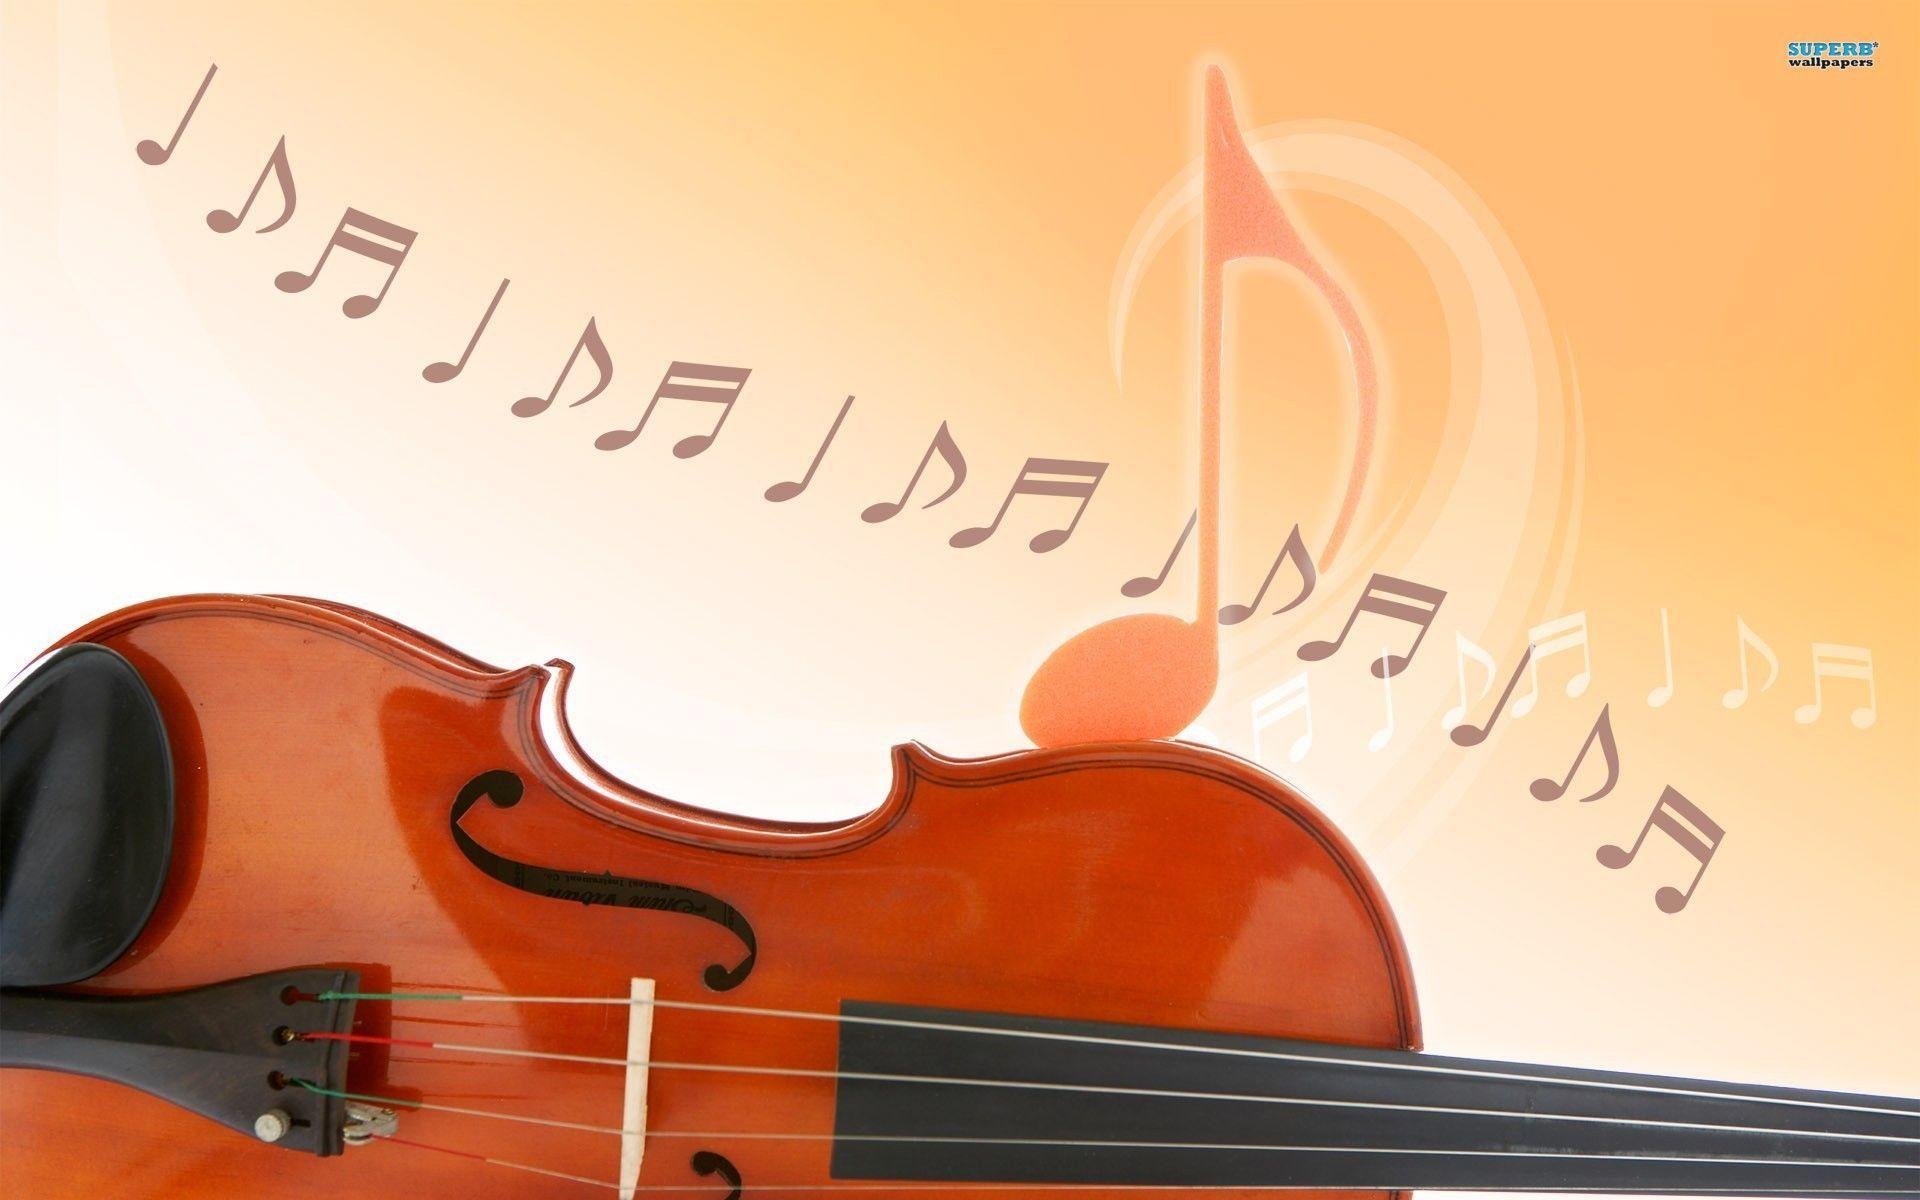 violin-15798-1920x1200.jpg